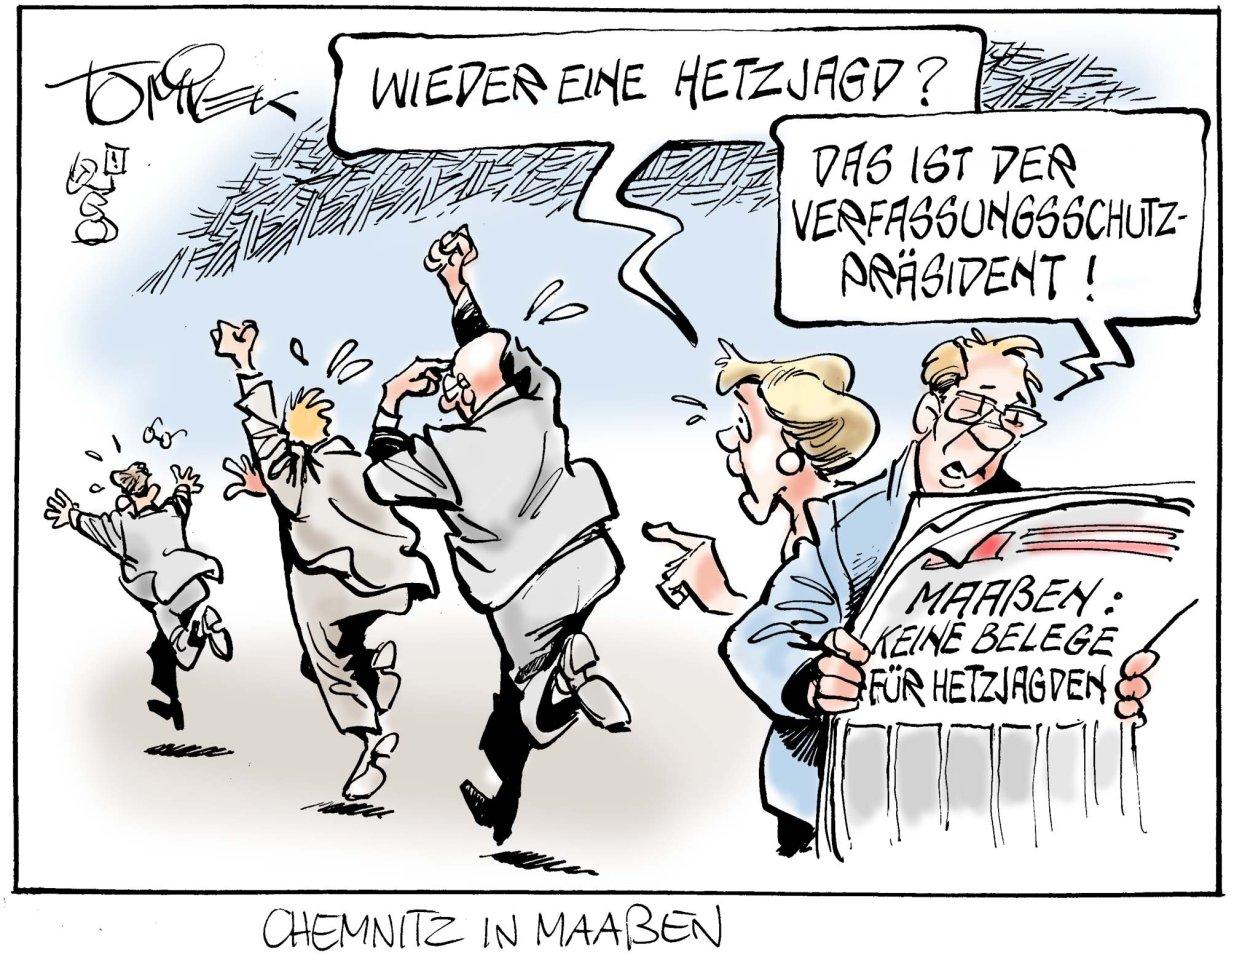 Chemnitz in Maaßen